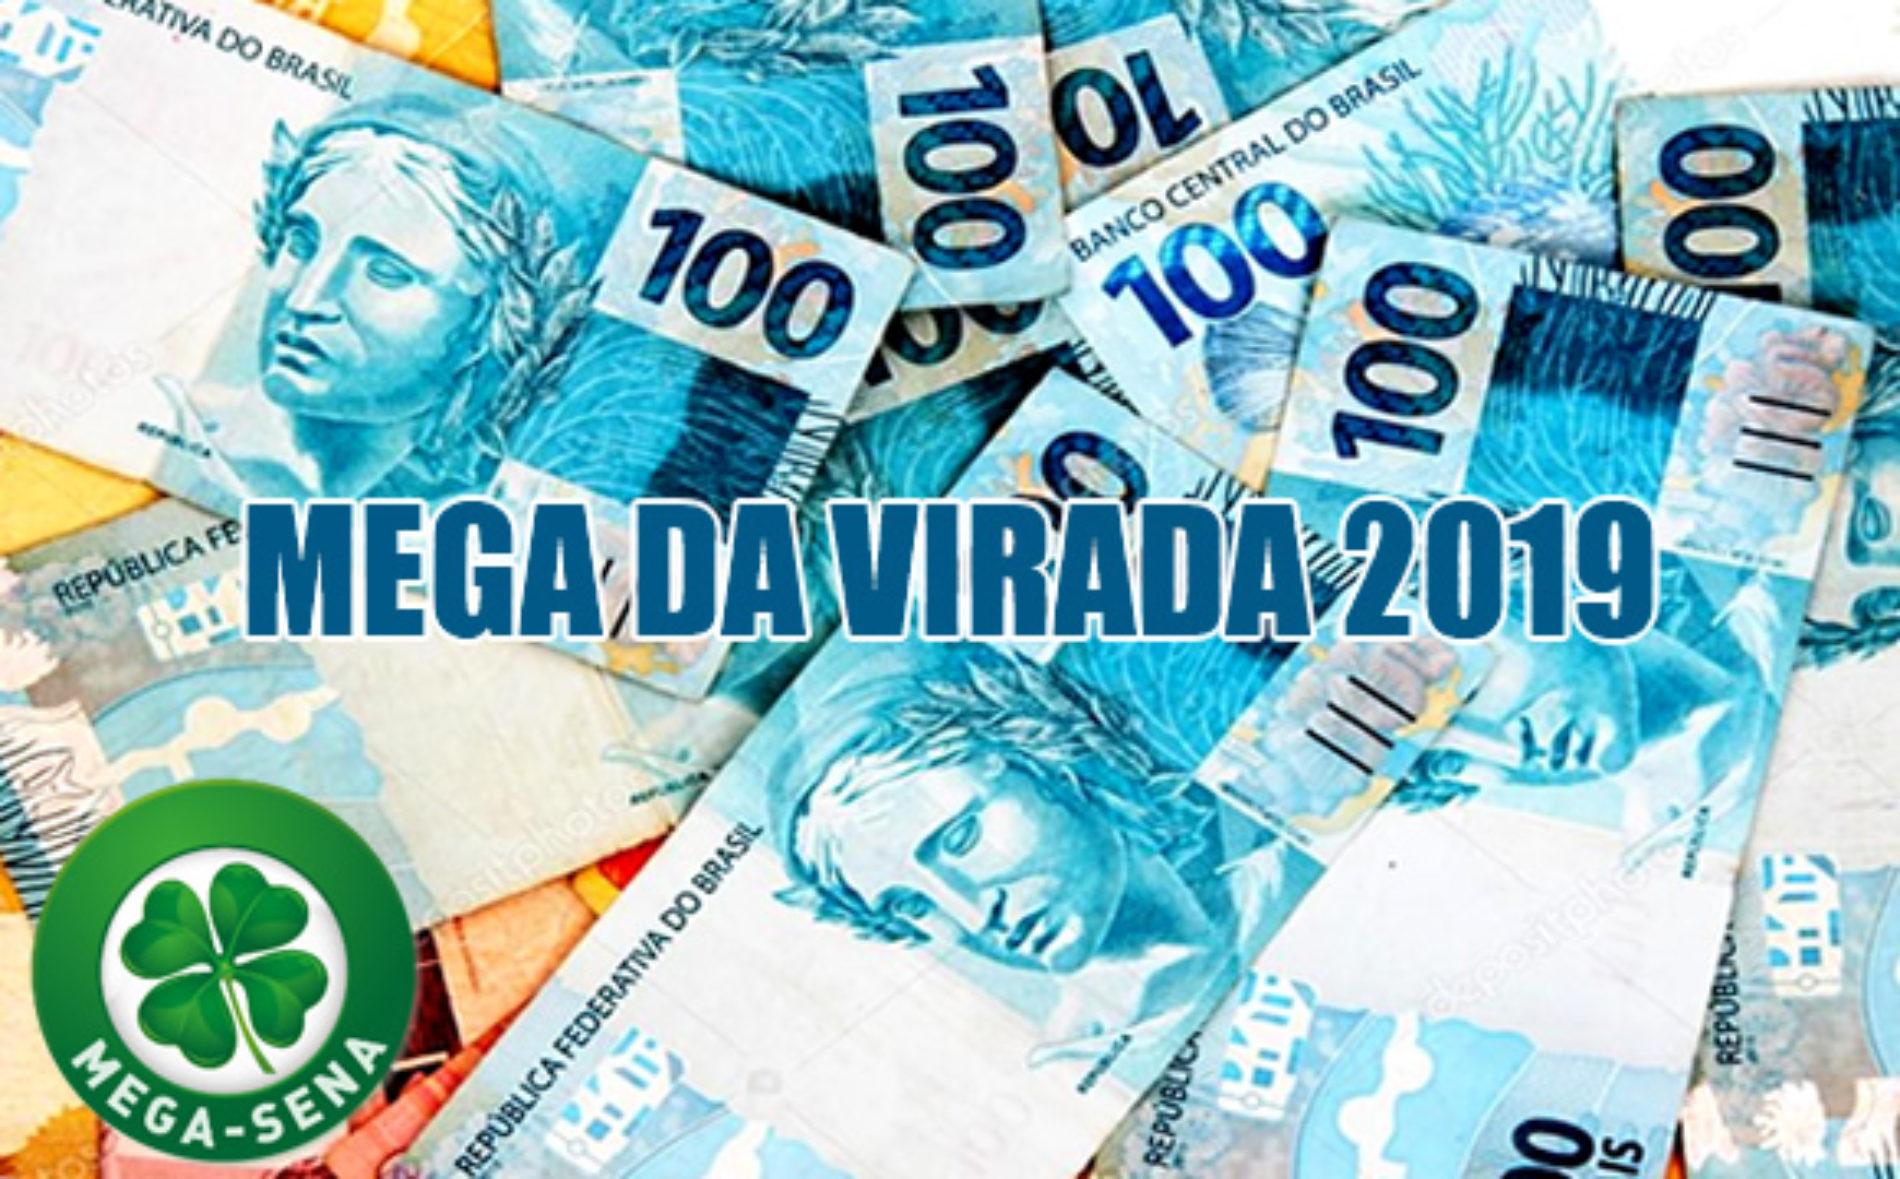 Mega Sena da Virada 2019 – Dicas e Resultado